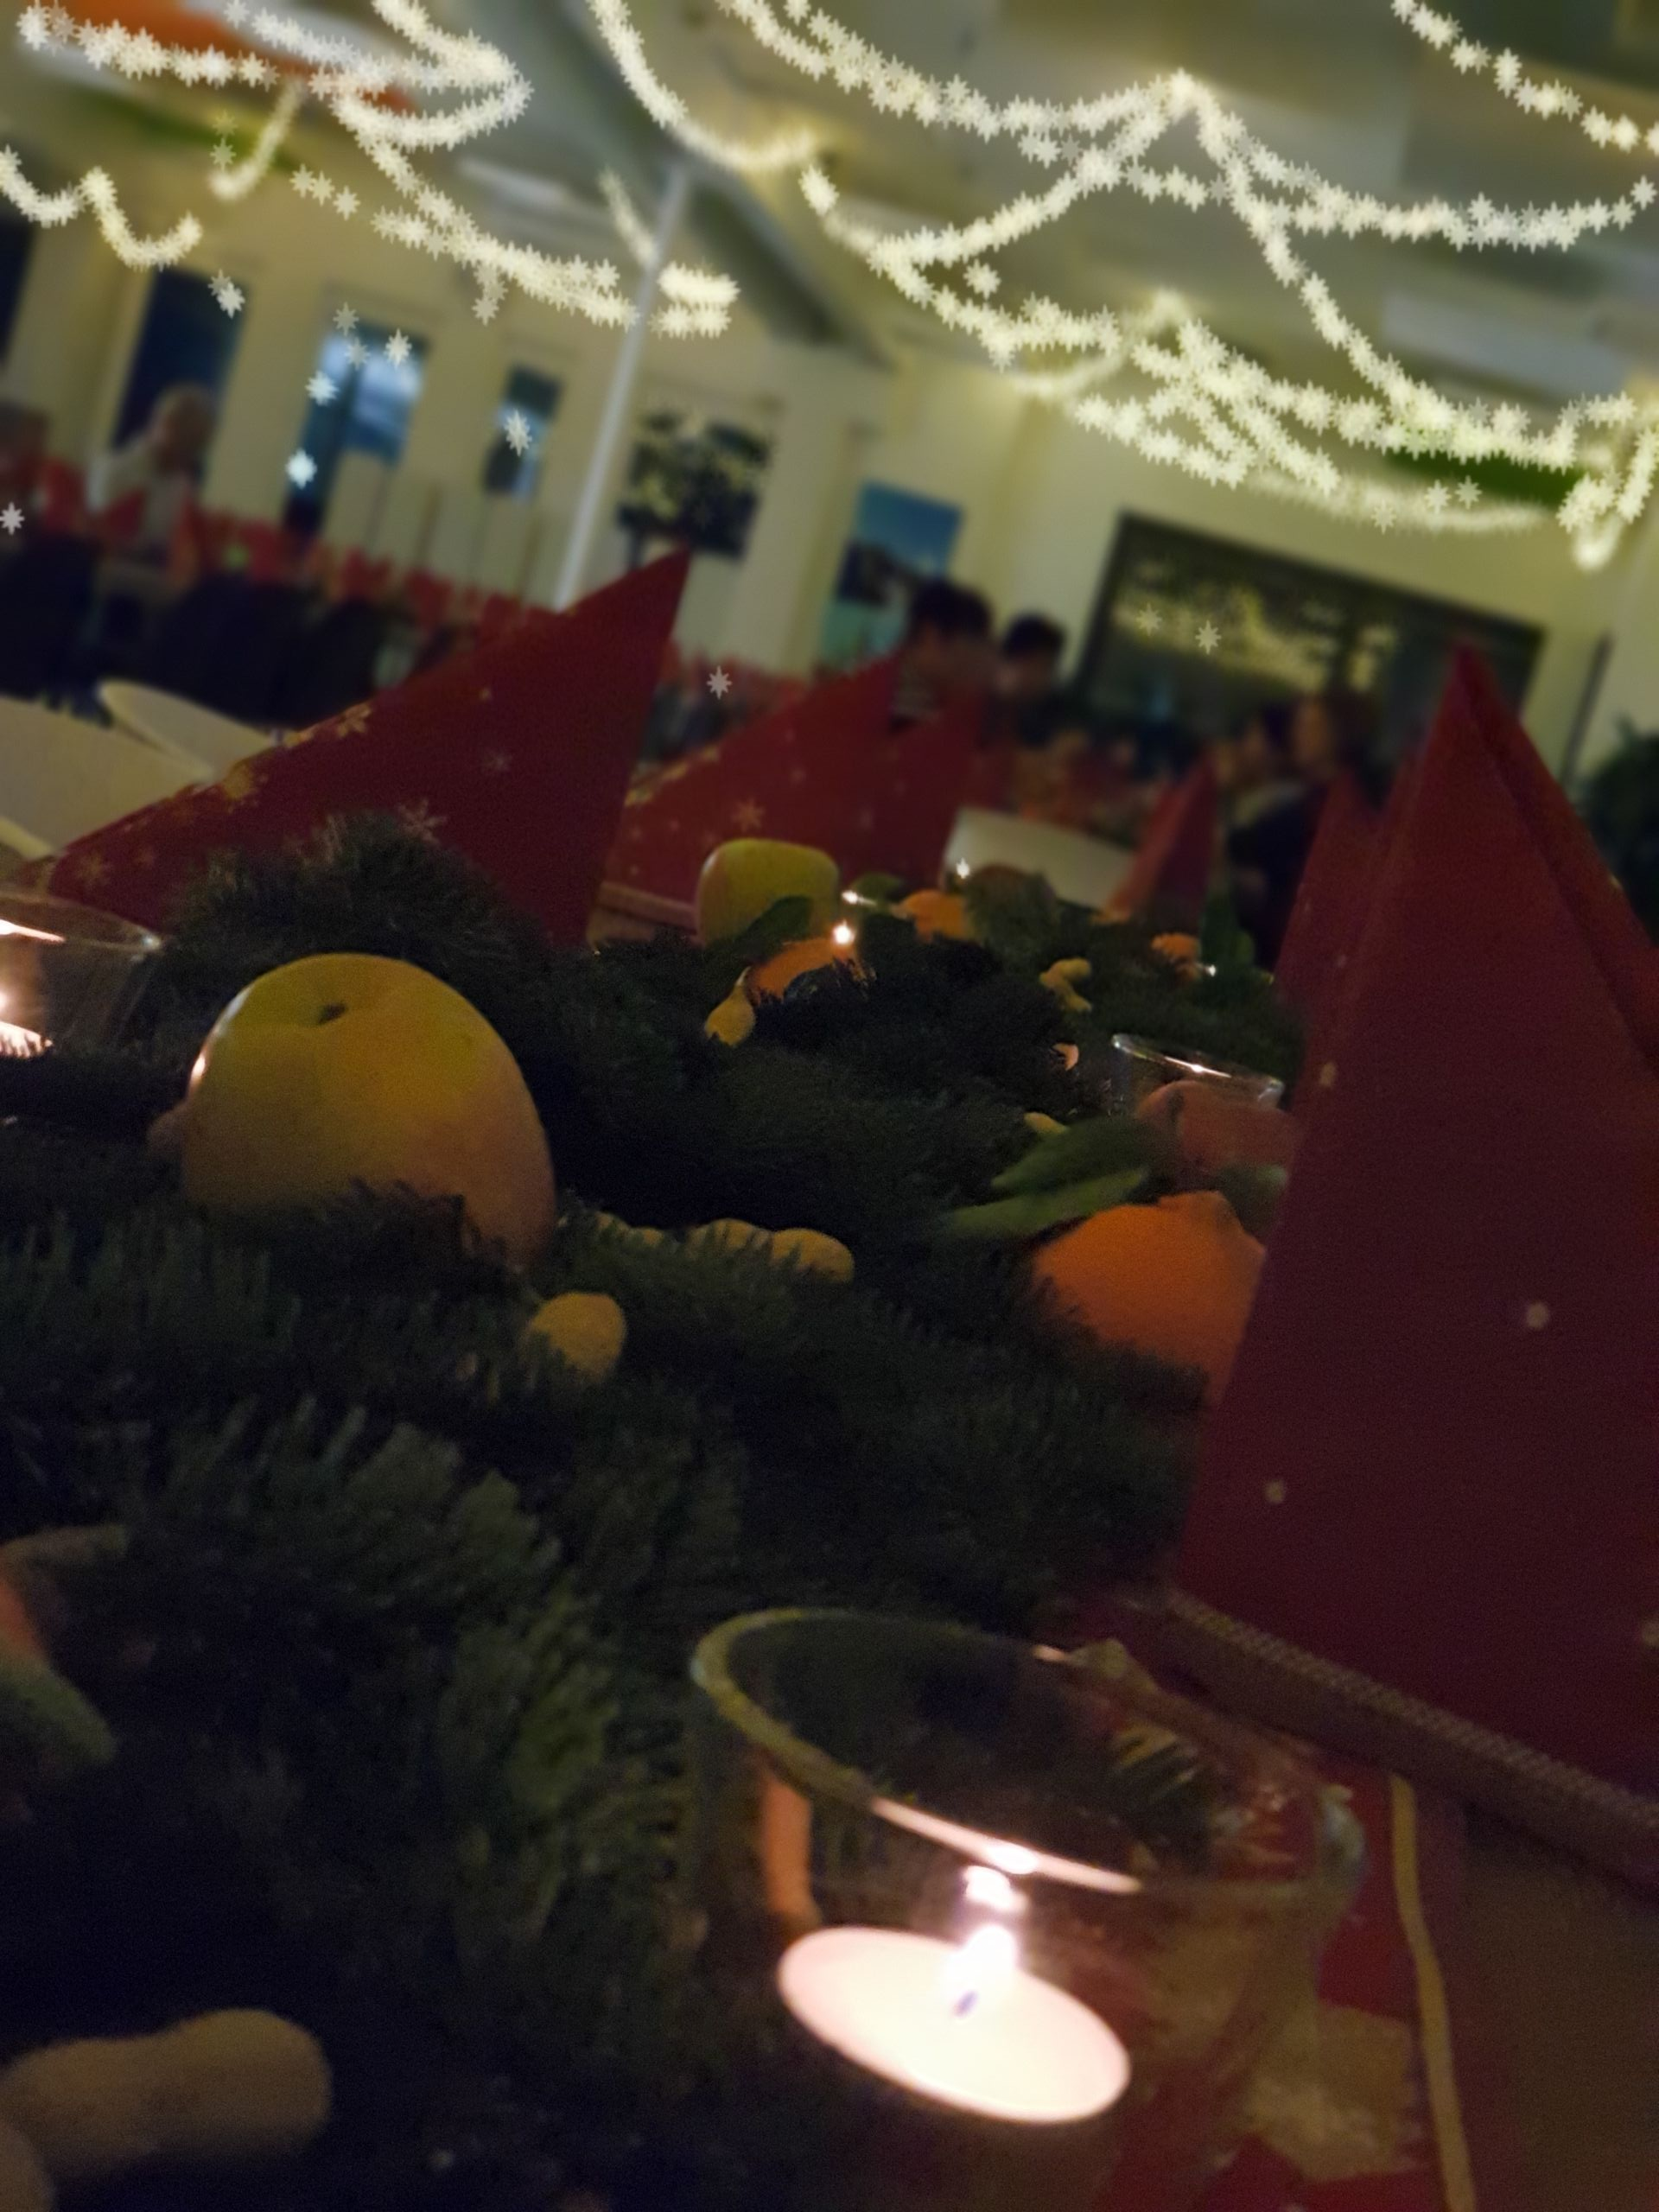 Weihnachtsfeier Im Januar.Weihnachtsfeier 2018 Netzsch Azubi Blog